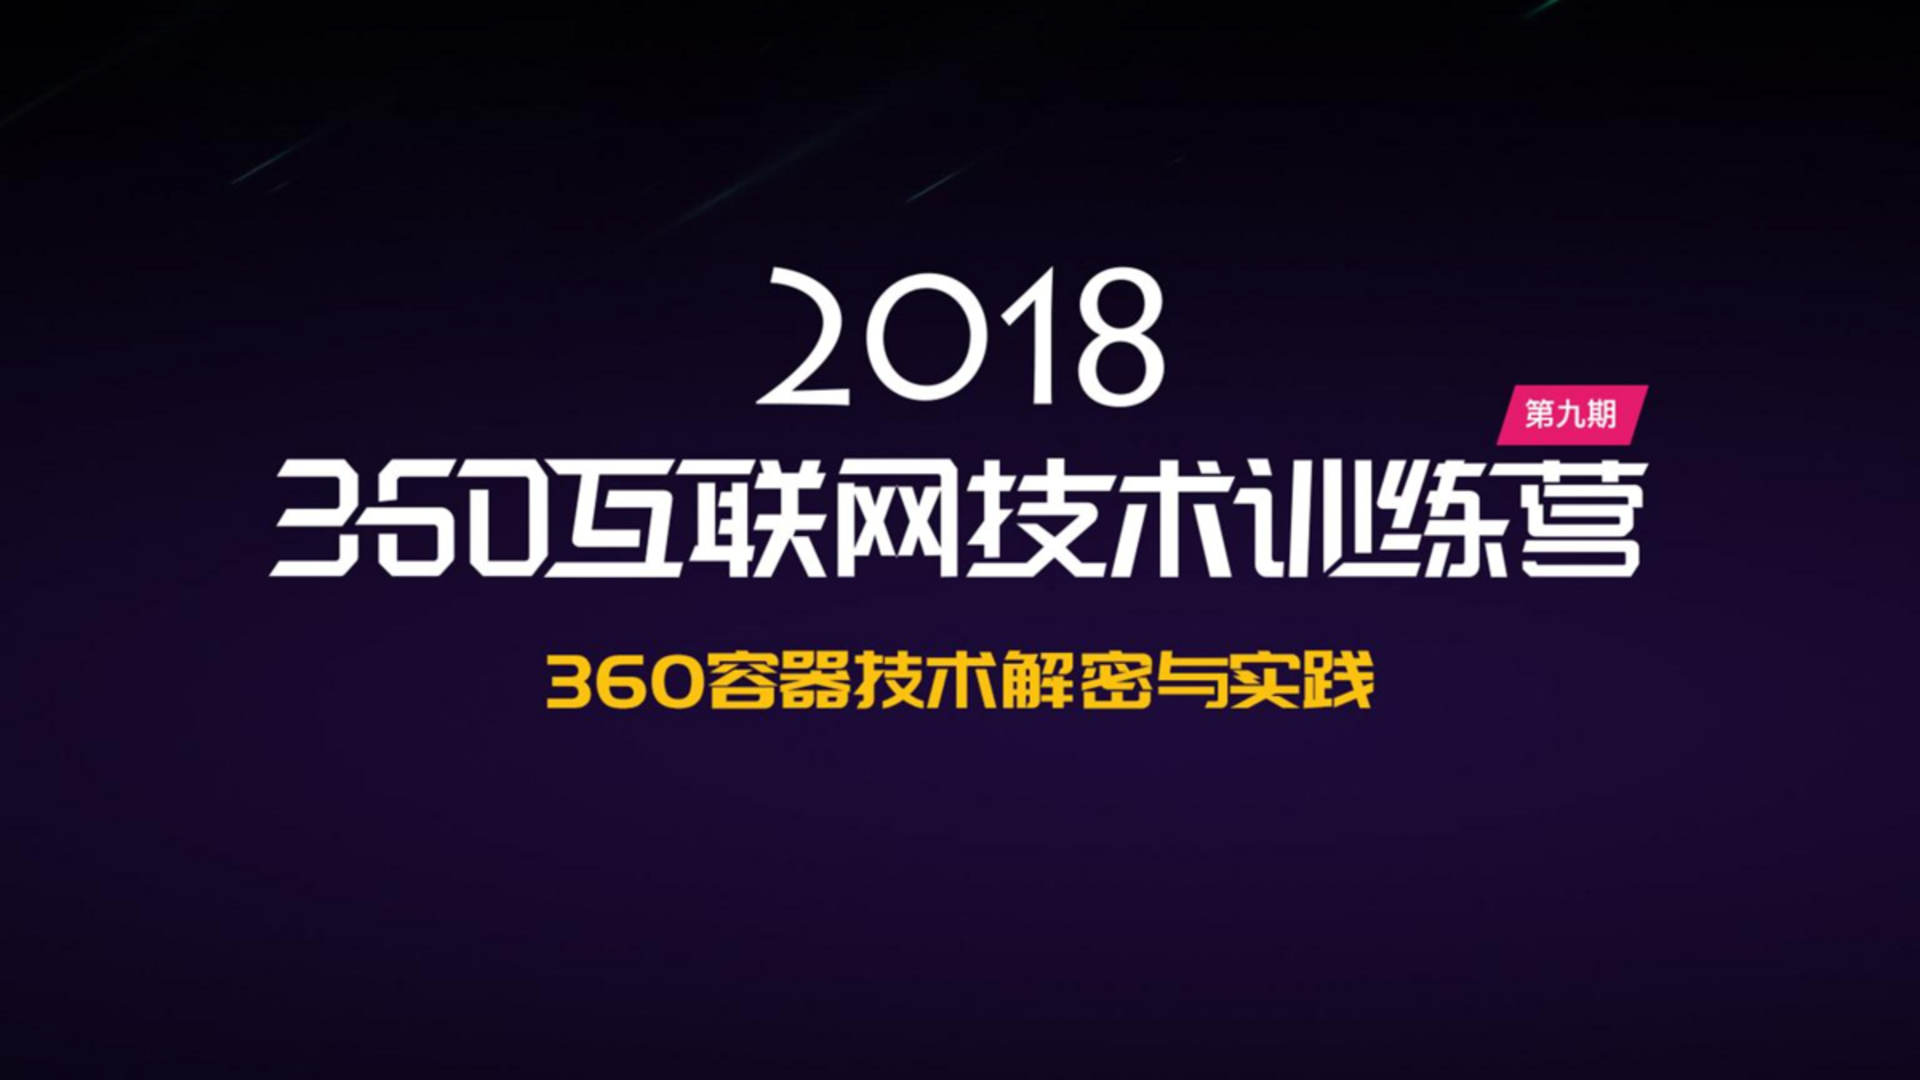 360私有云平台基于kubernetes的容器服务实践